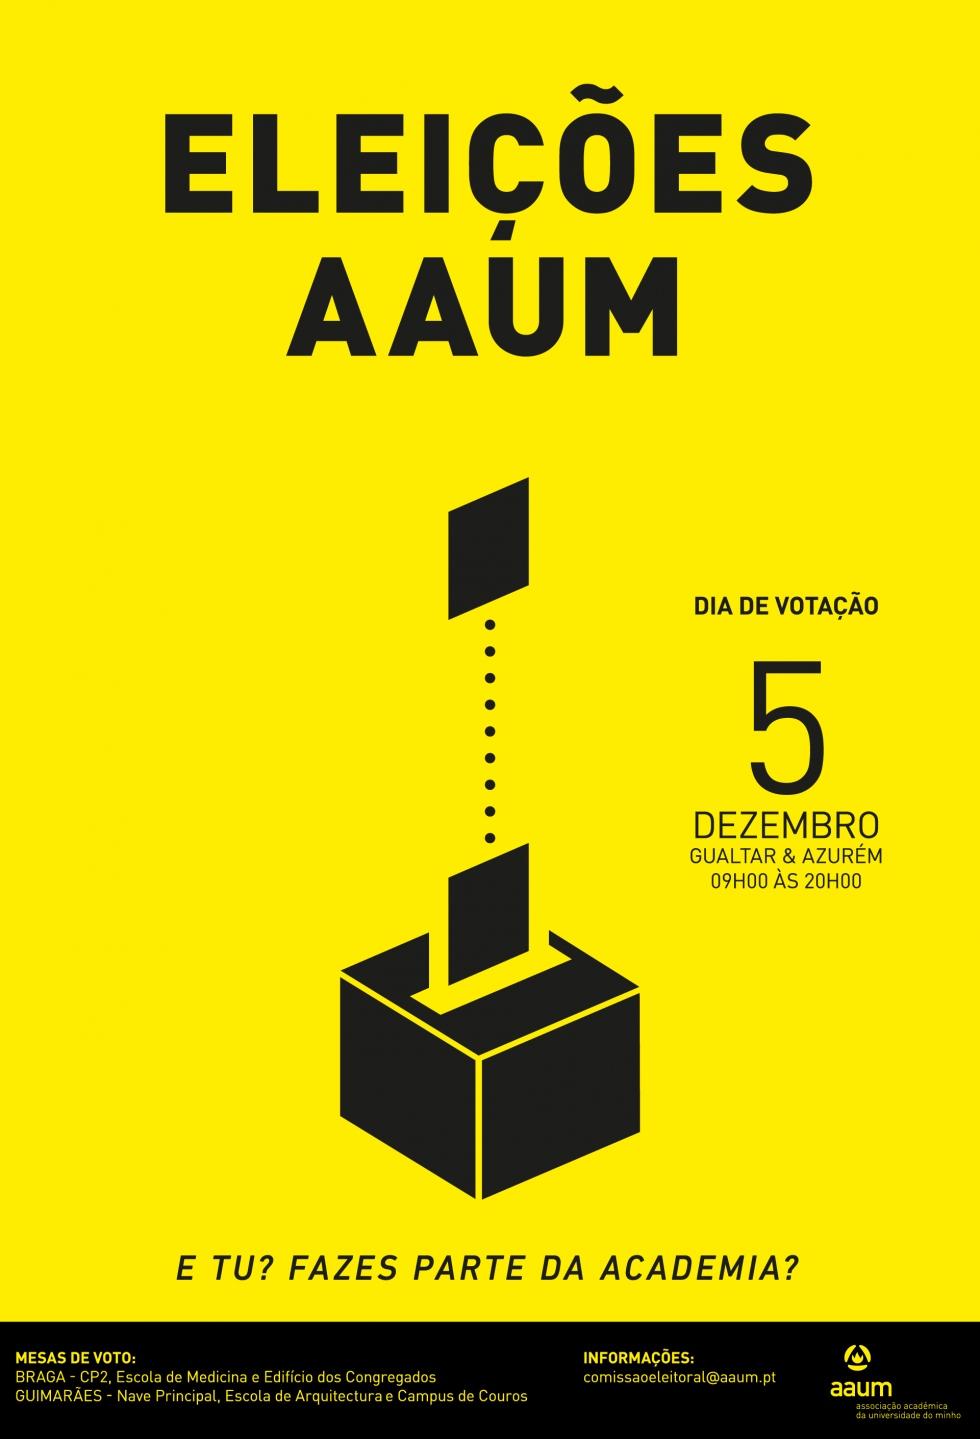 Eleições dos Órgãos Sociais da AAUM - Mandato 2018